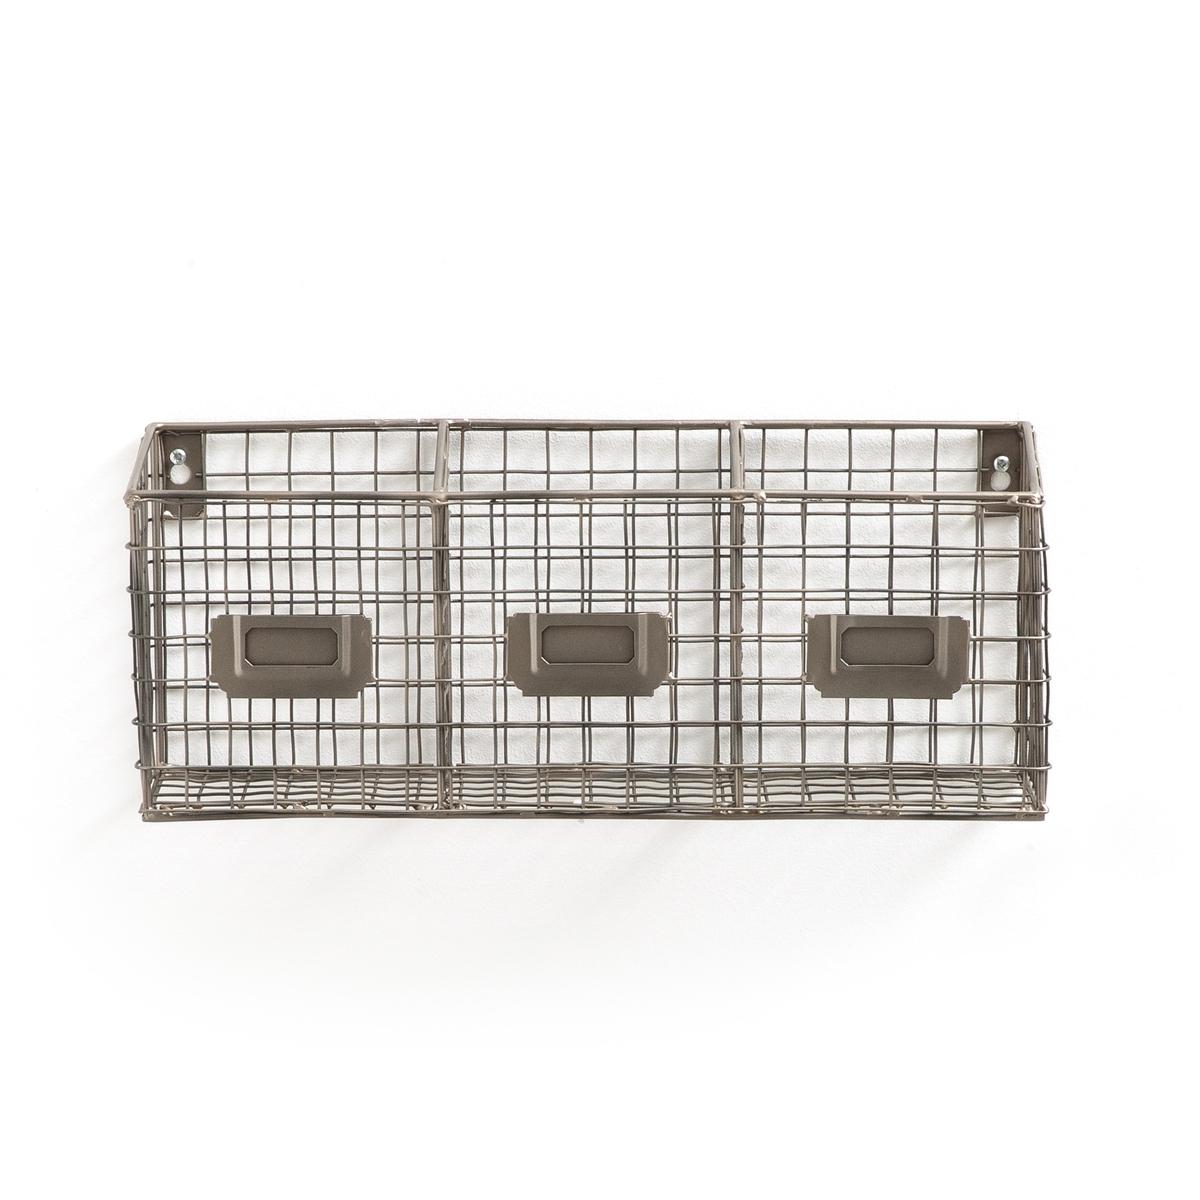 Стеллаж настенный для хранения из решетчатого металла